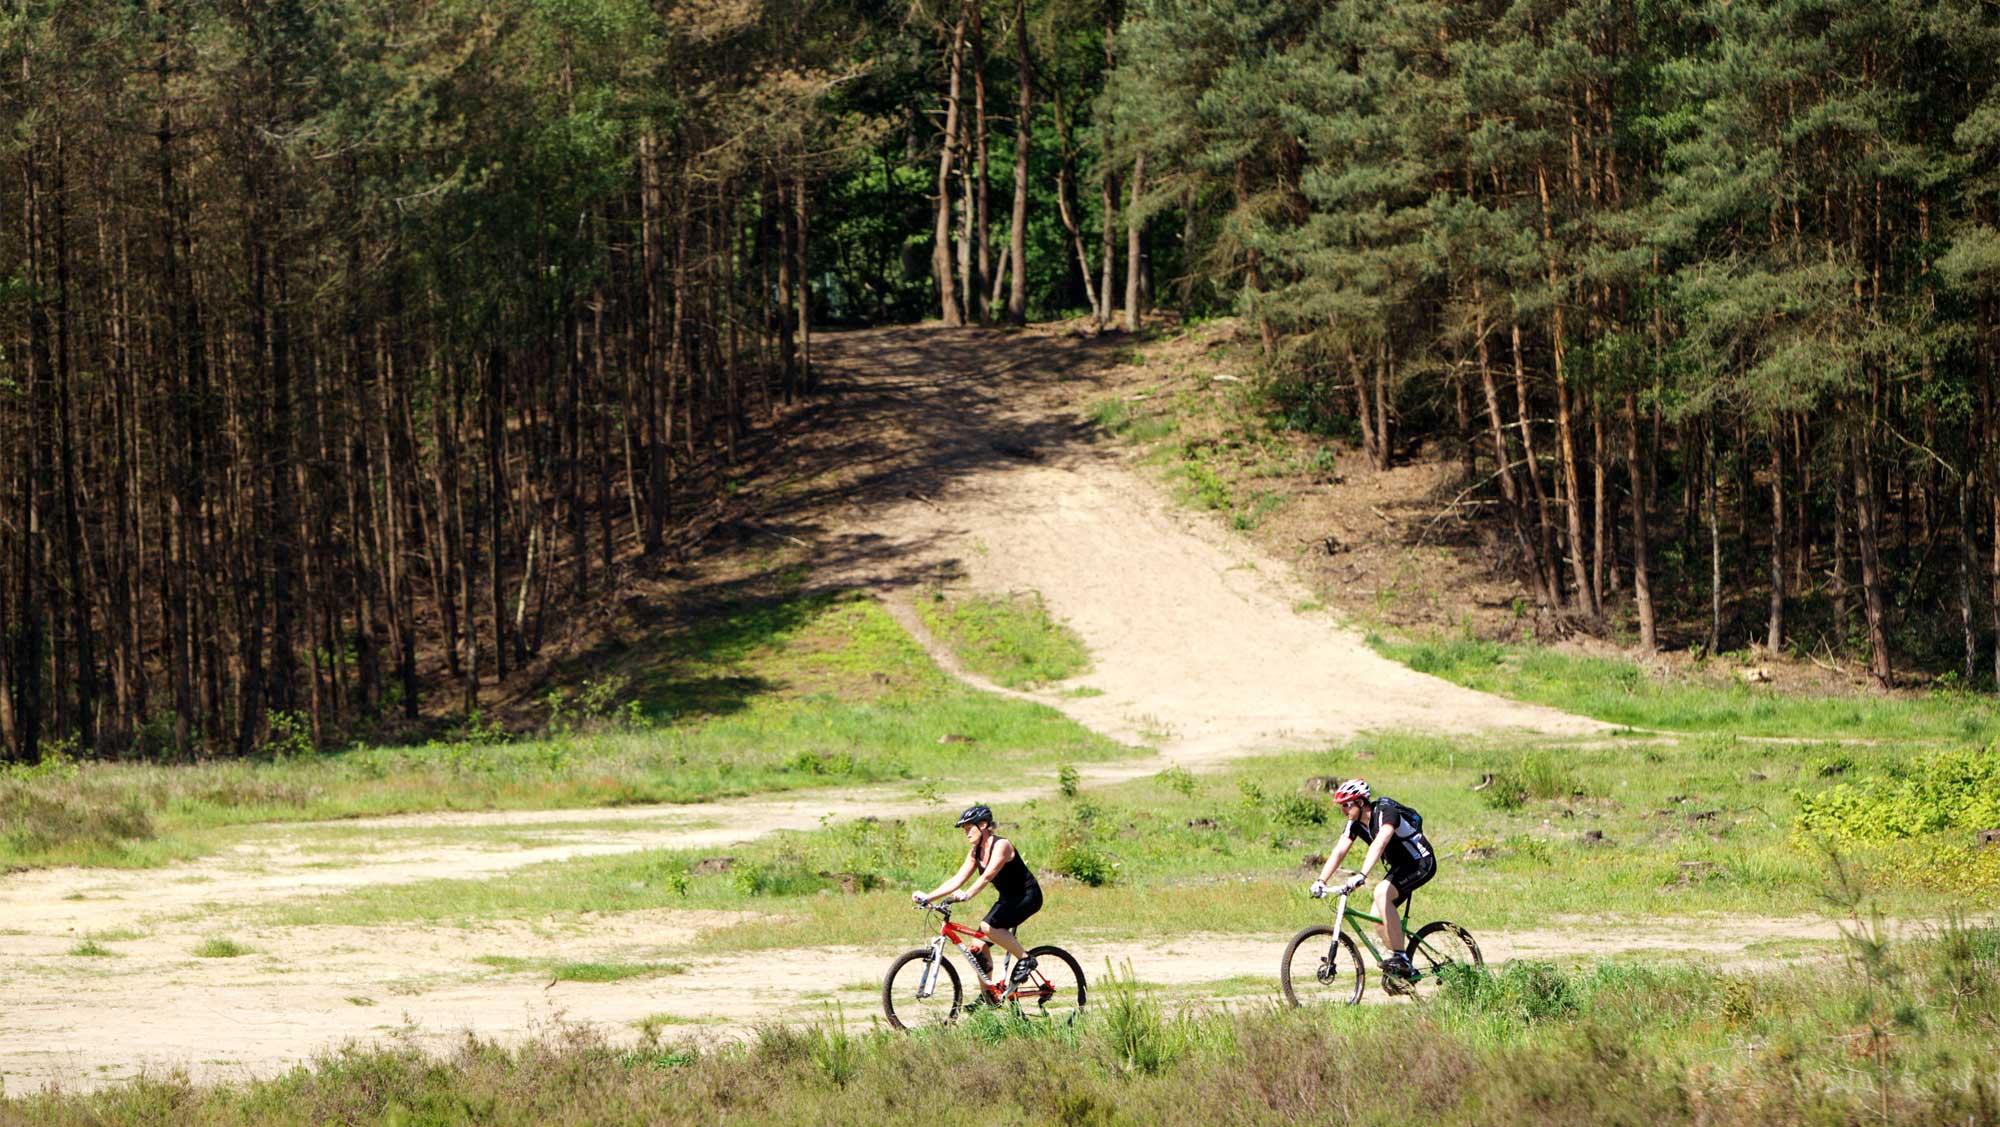 Omgeving Molecaten Park Landgoed Ginkelduin 06 mountainbiken